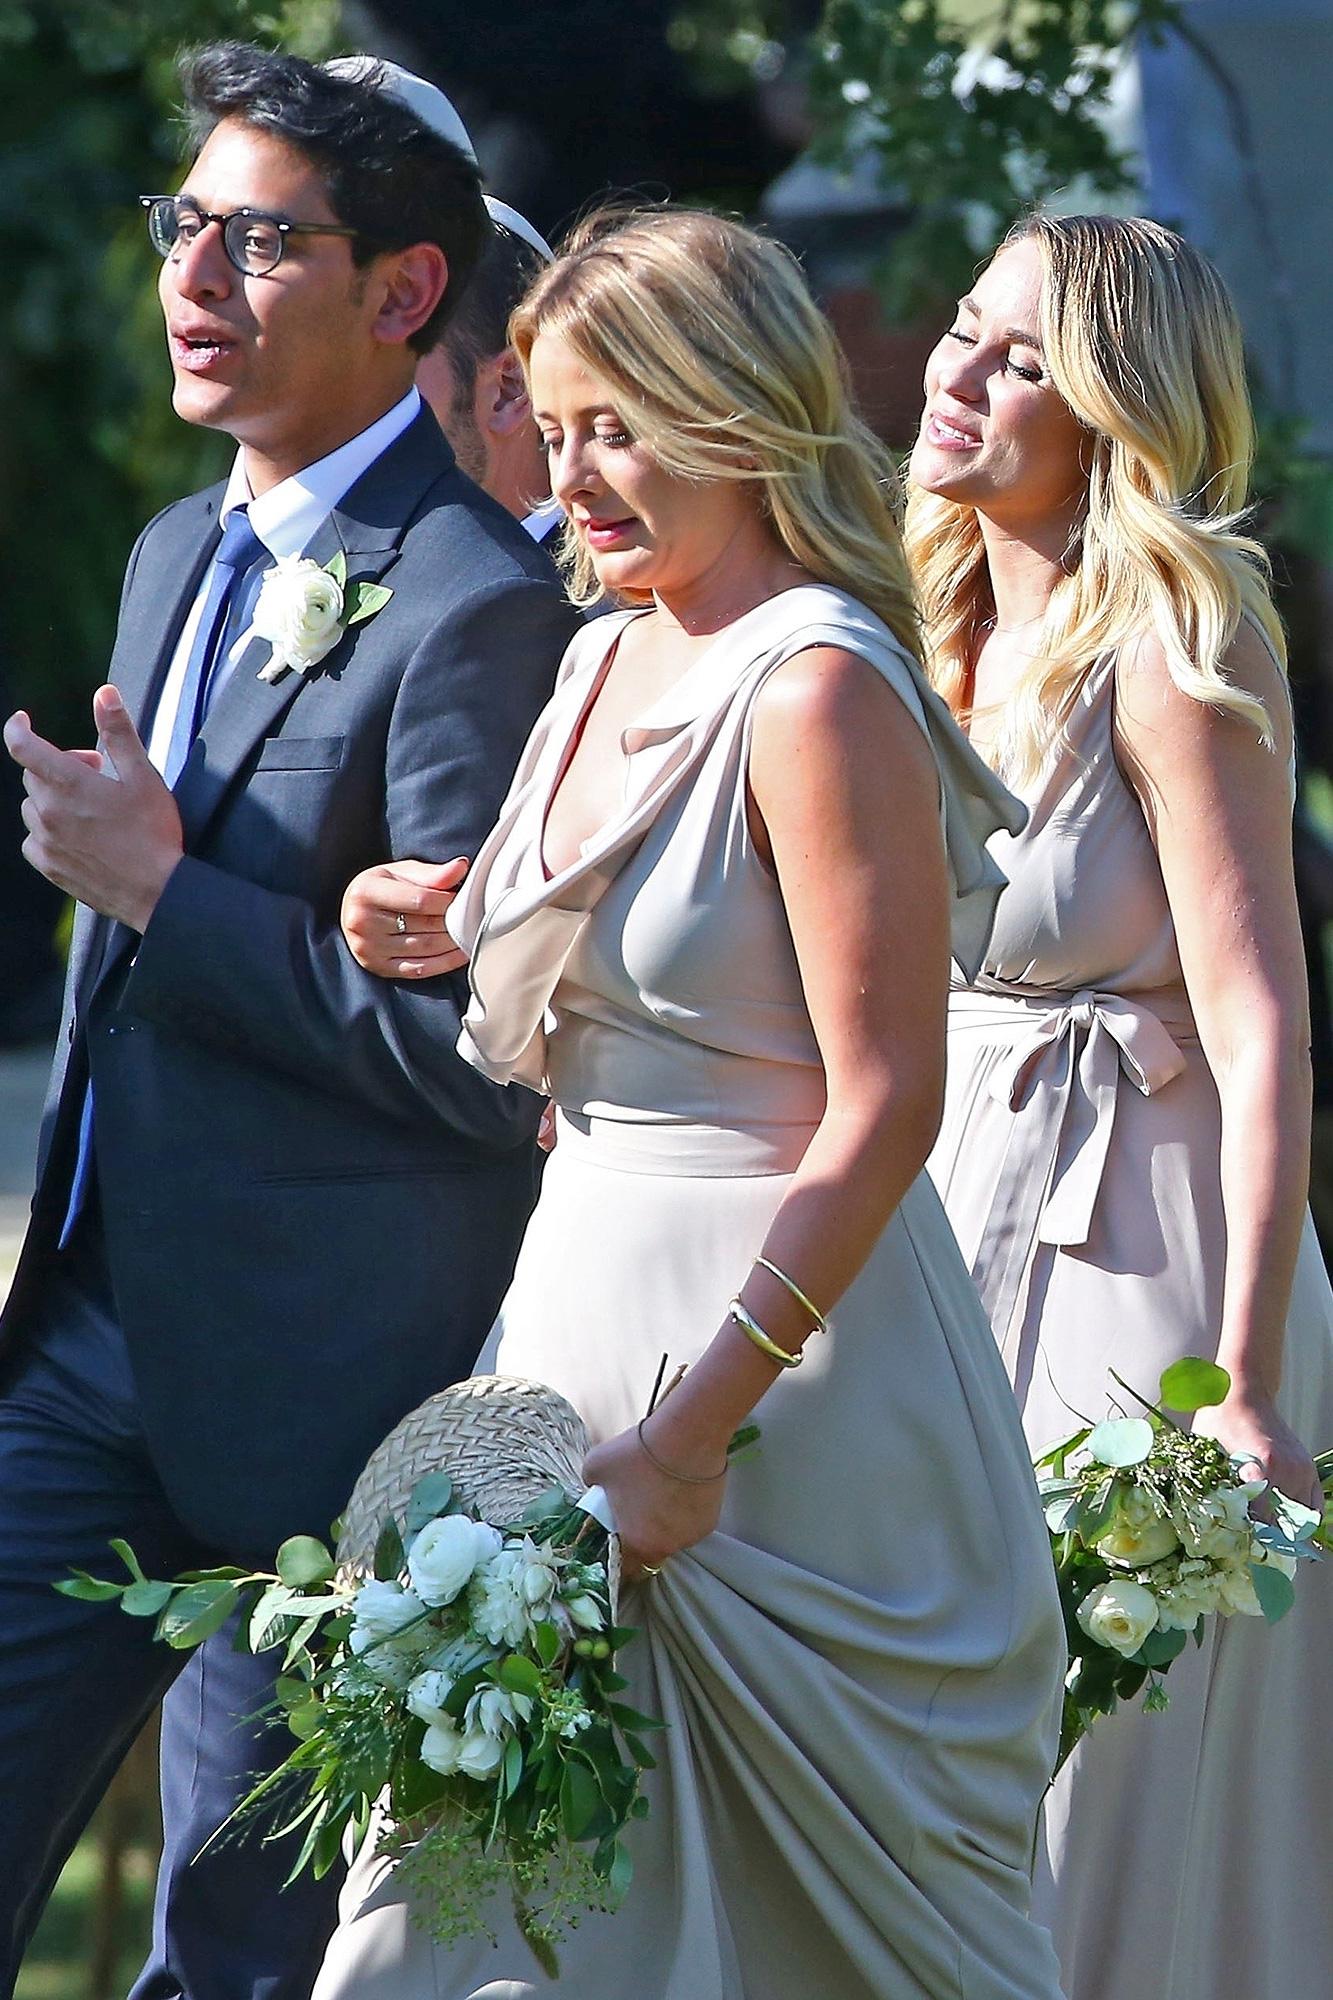 Lo Bosworth, Lauren Conrad, bridesmaid, wedding